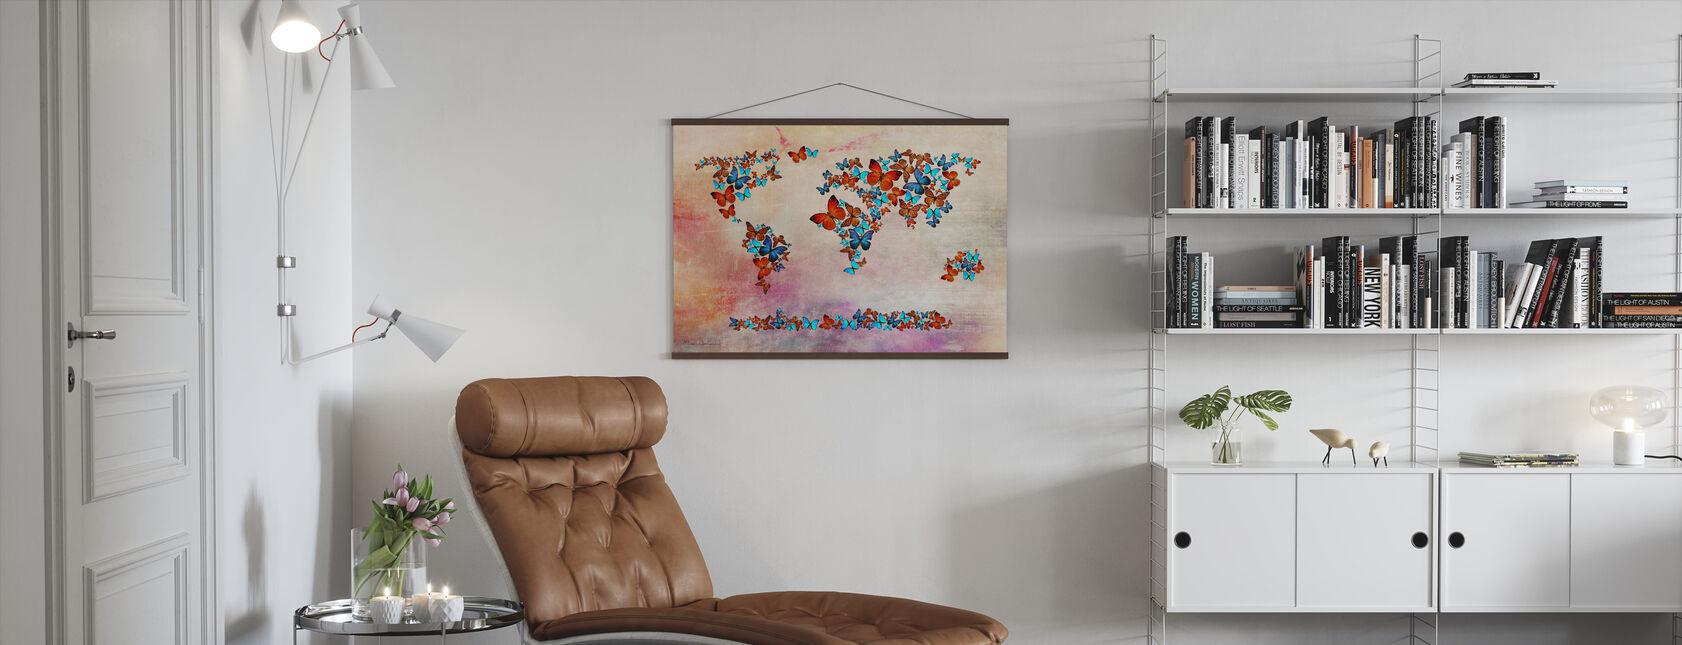 Vlinders vormen Wereld Kaart - Poster - Woonkamer